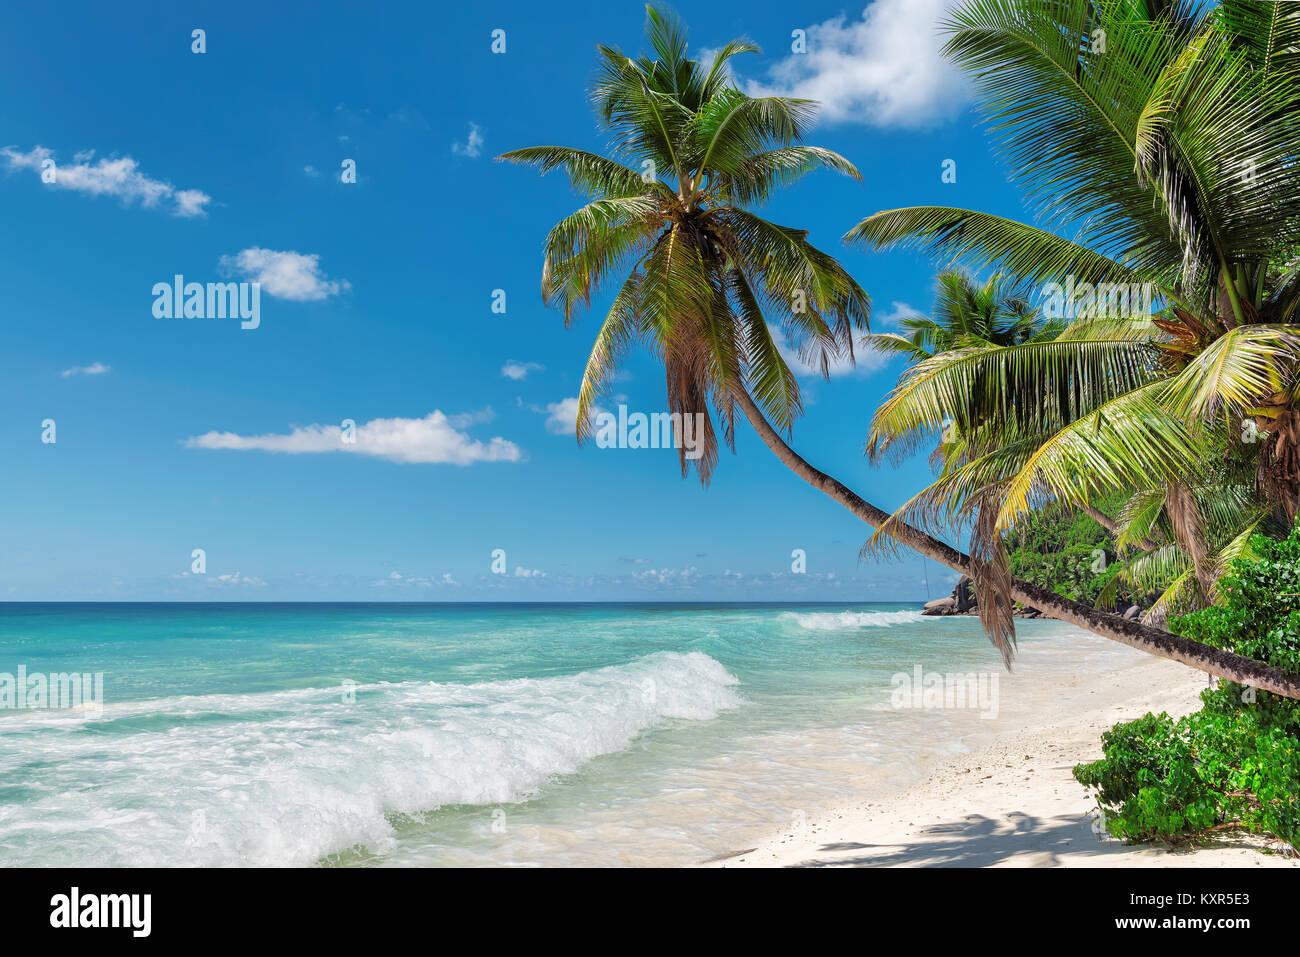 Palmiers sur la plage tropical exotique. Des vacances d'été et vacances arrière-plan. Photo Stock